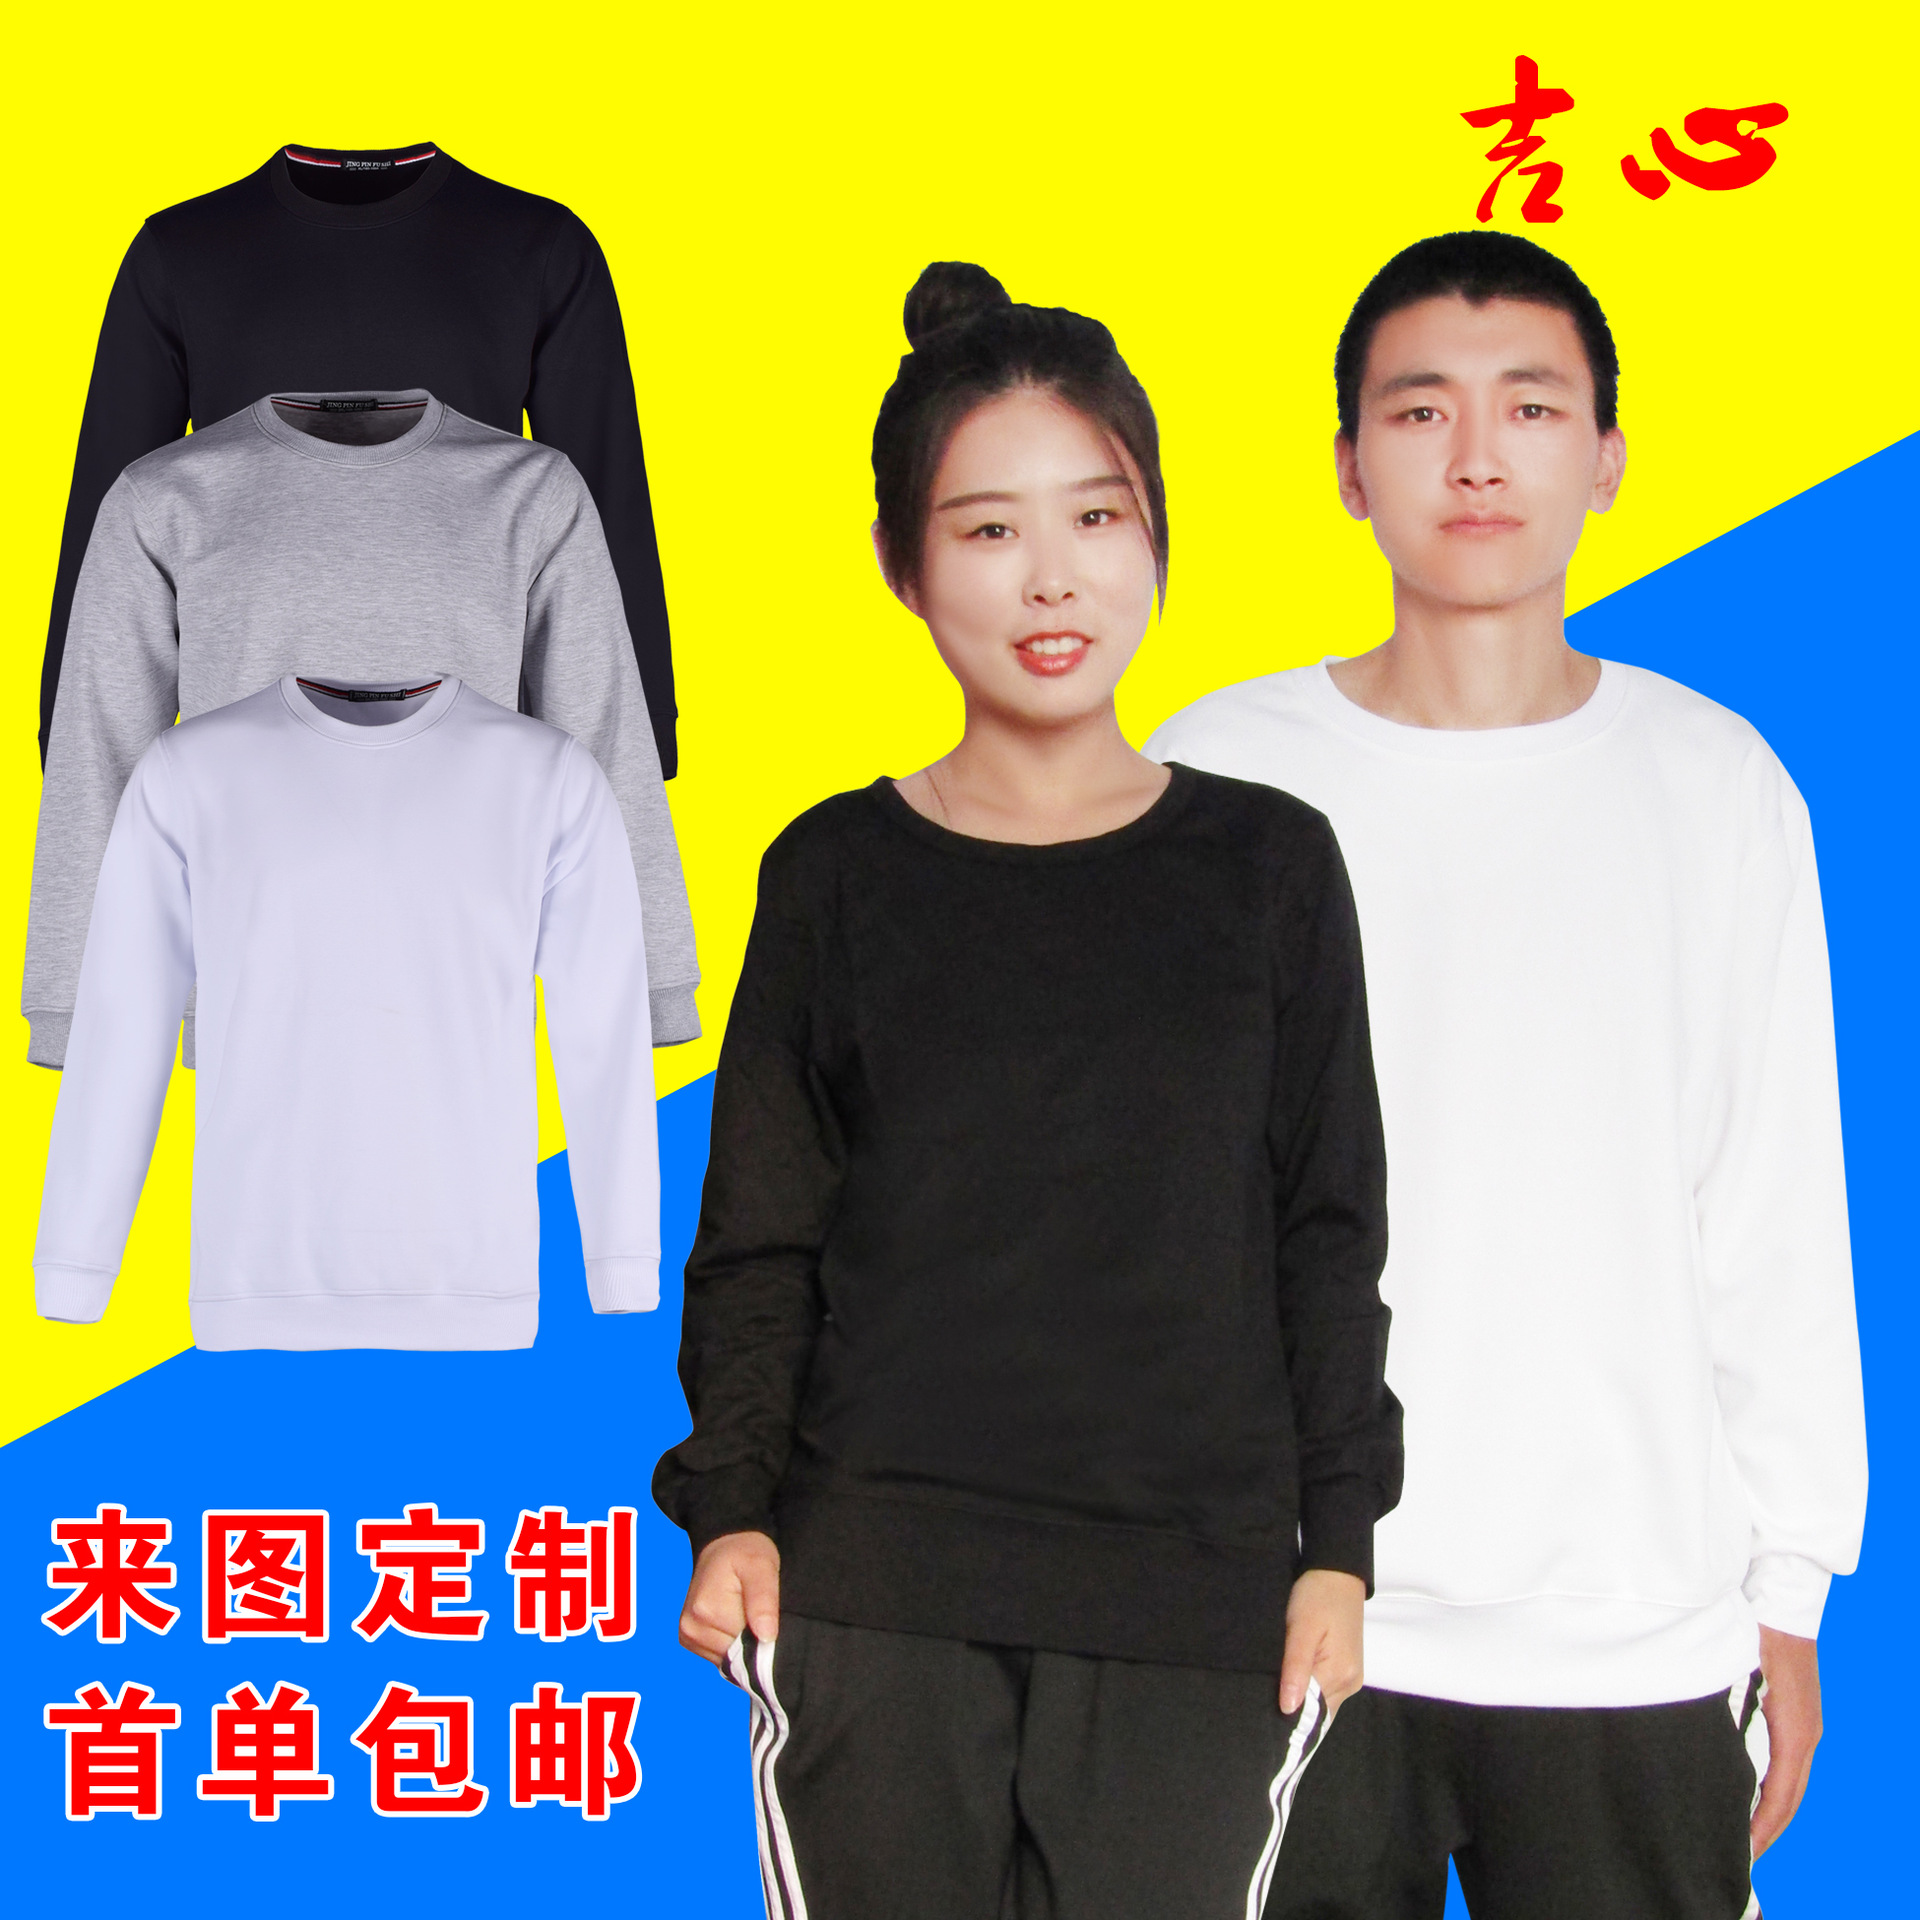 圆领全棉纯棉卫衣 厂家批发定制热转印精梳棉淘宝纯色空白卫衣